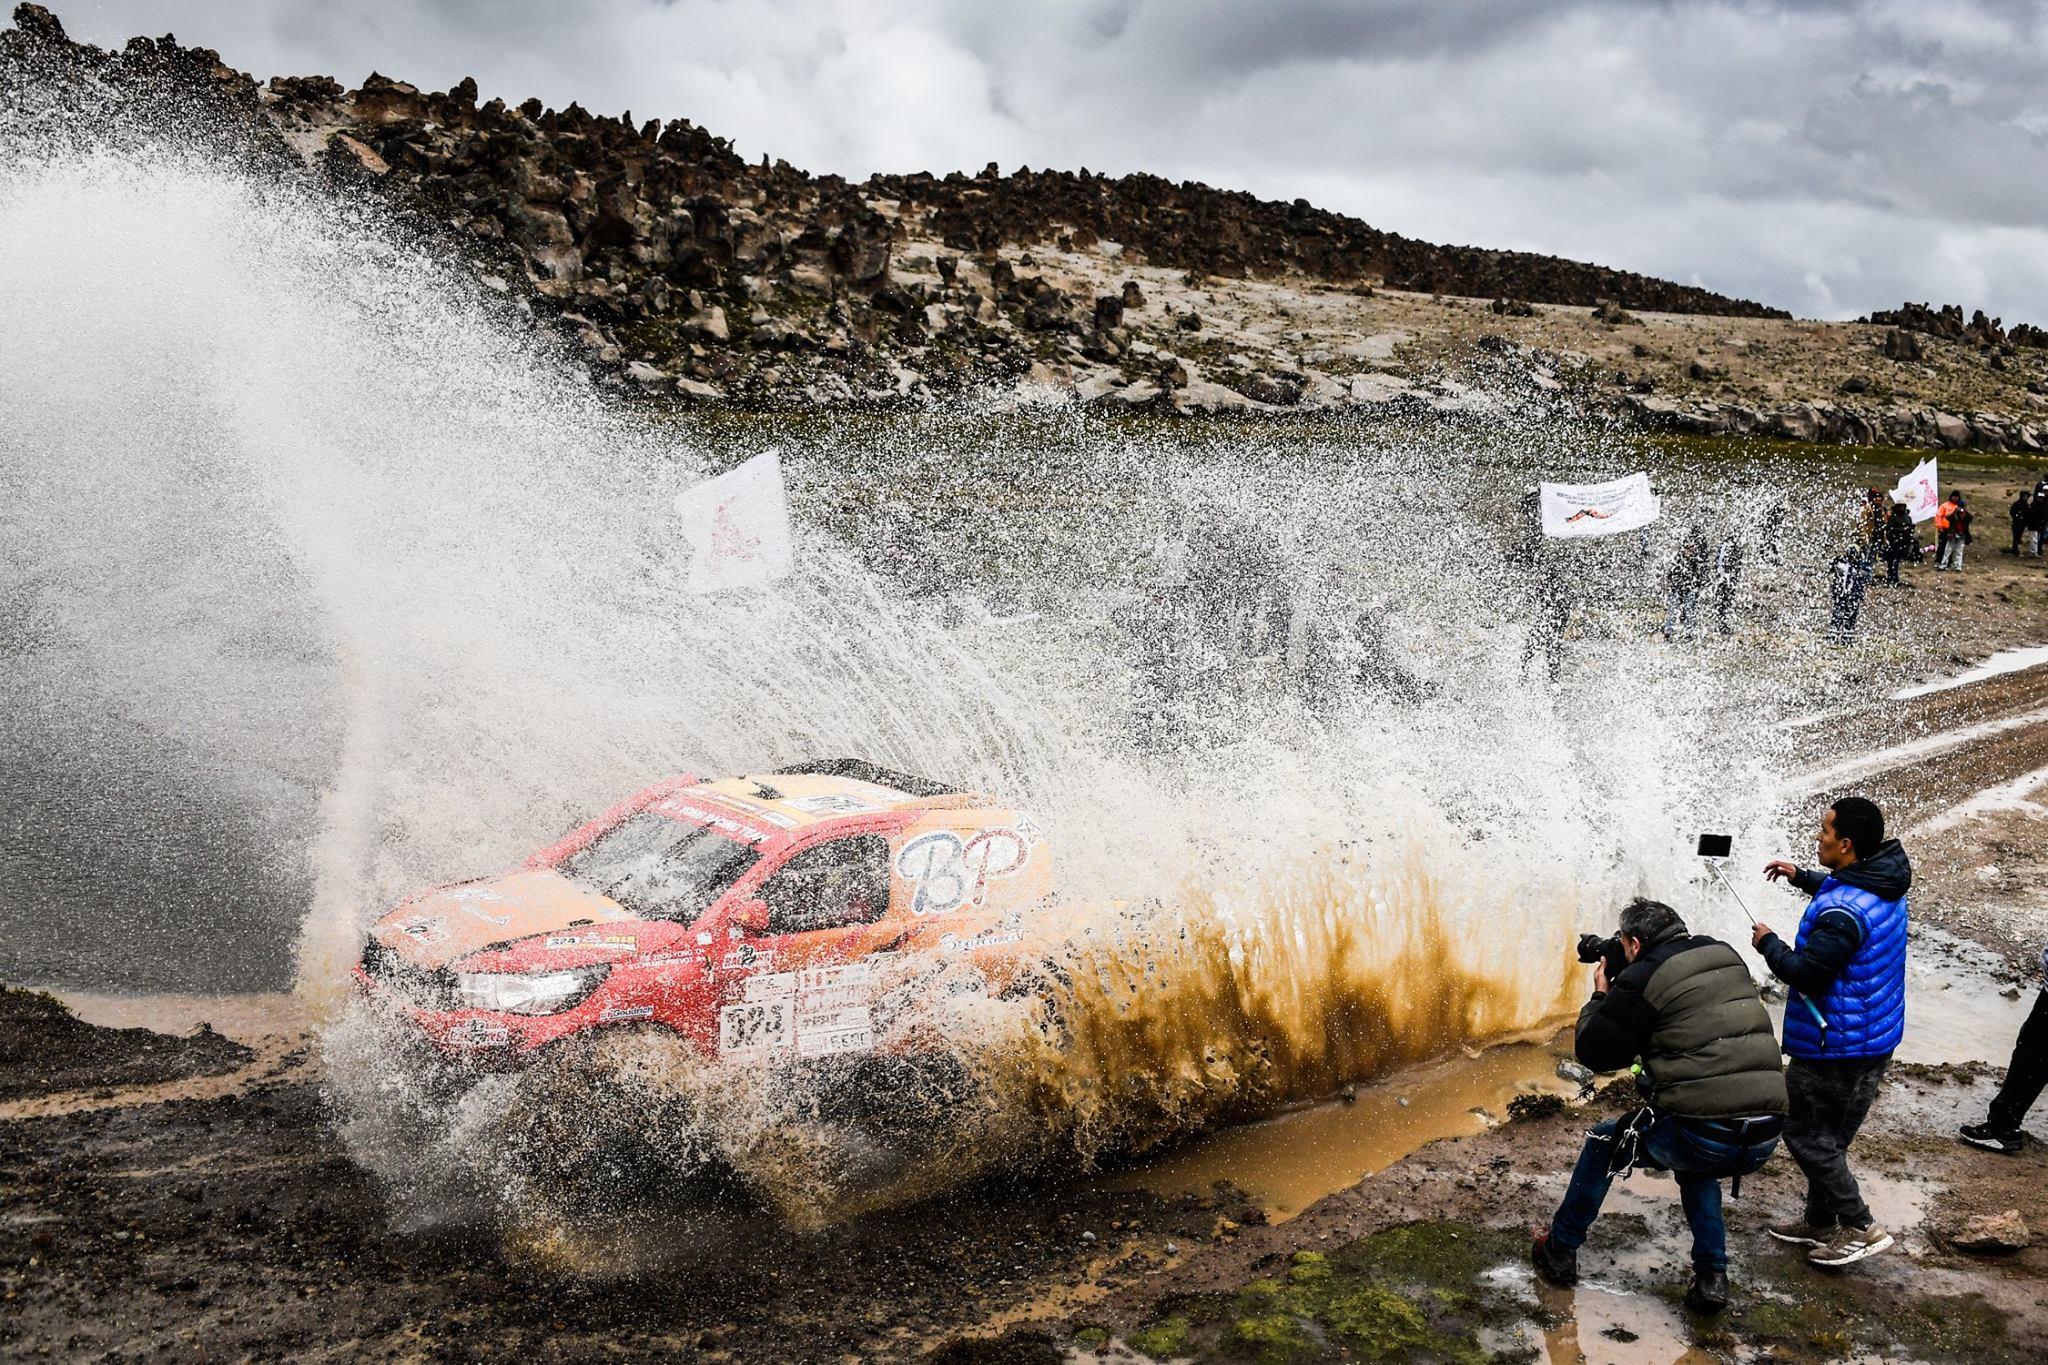 Rally Dakar: Descobrindo como funciona a assistência médica durante a corrida mais difícil do mundo | Emergency Live 9